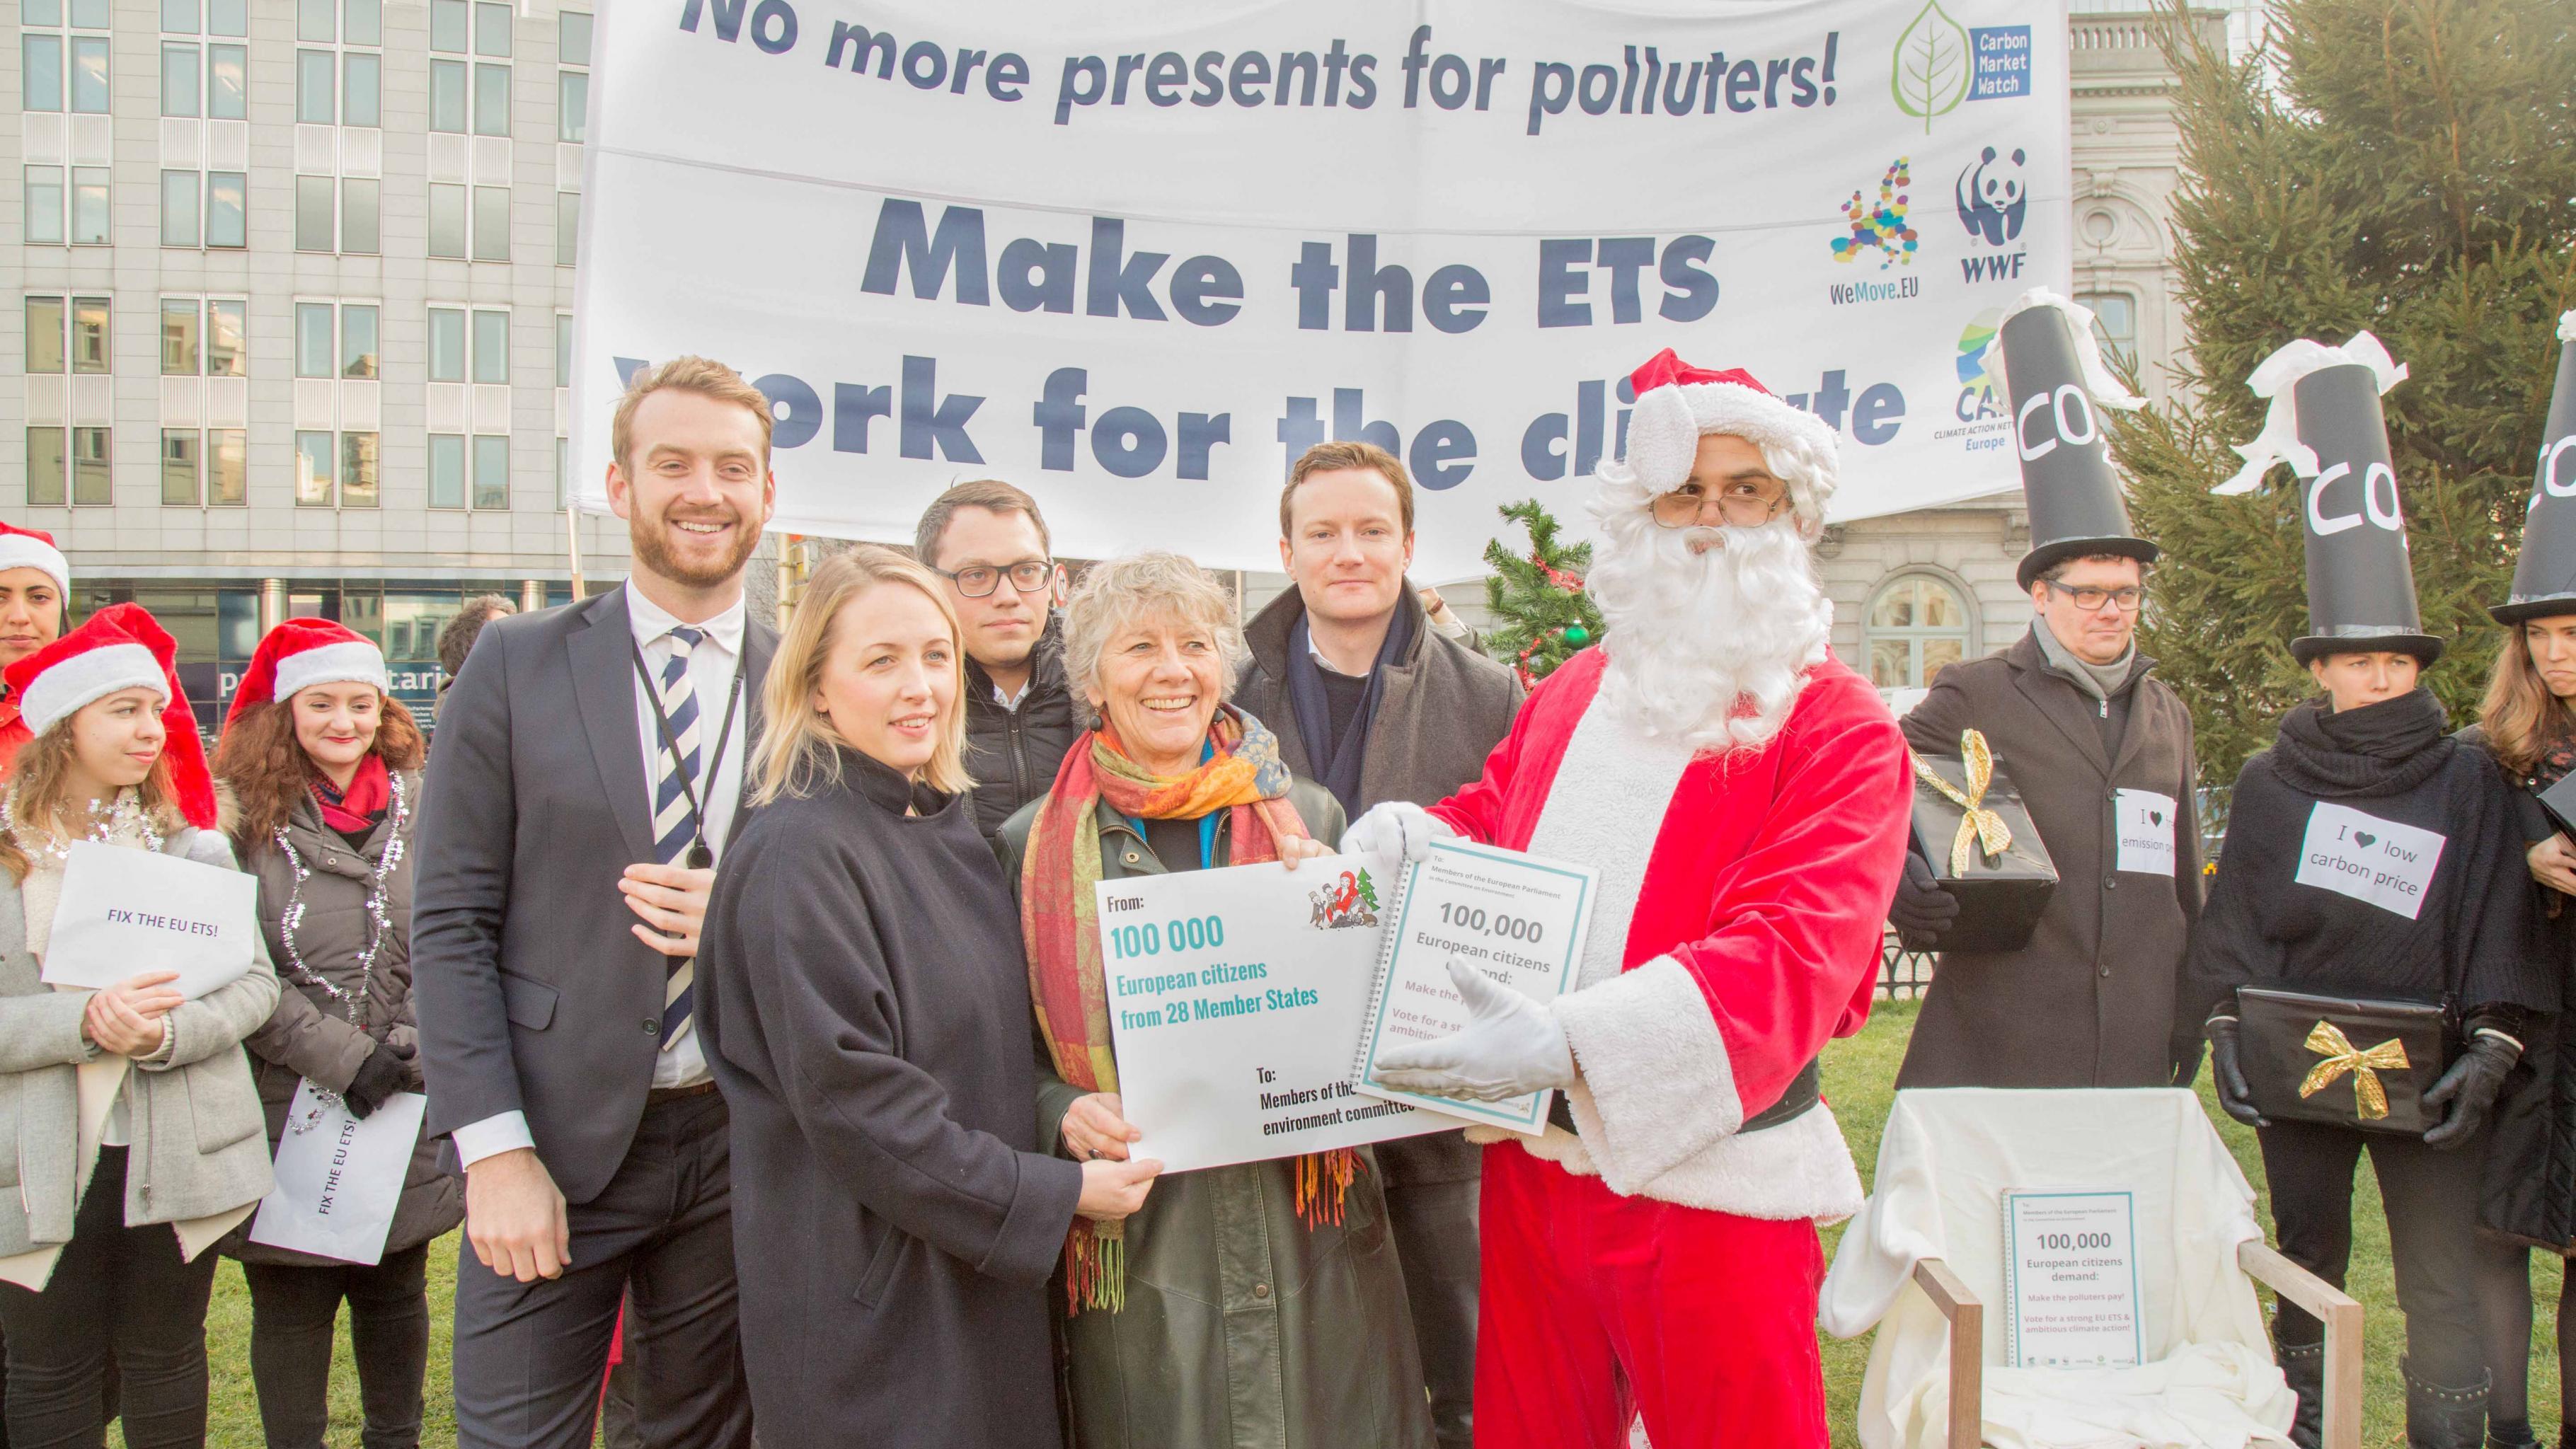 Keine Geschenke mehr für Verschmutzer! Der Weihnachtsmann übergibt 100.000 Unterschriften an Mitglieder des Europäischen Parlaments.